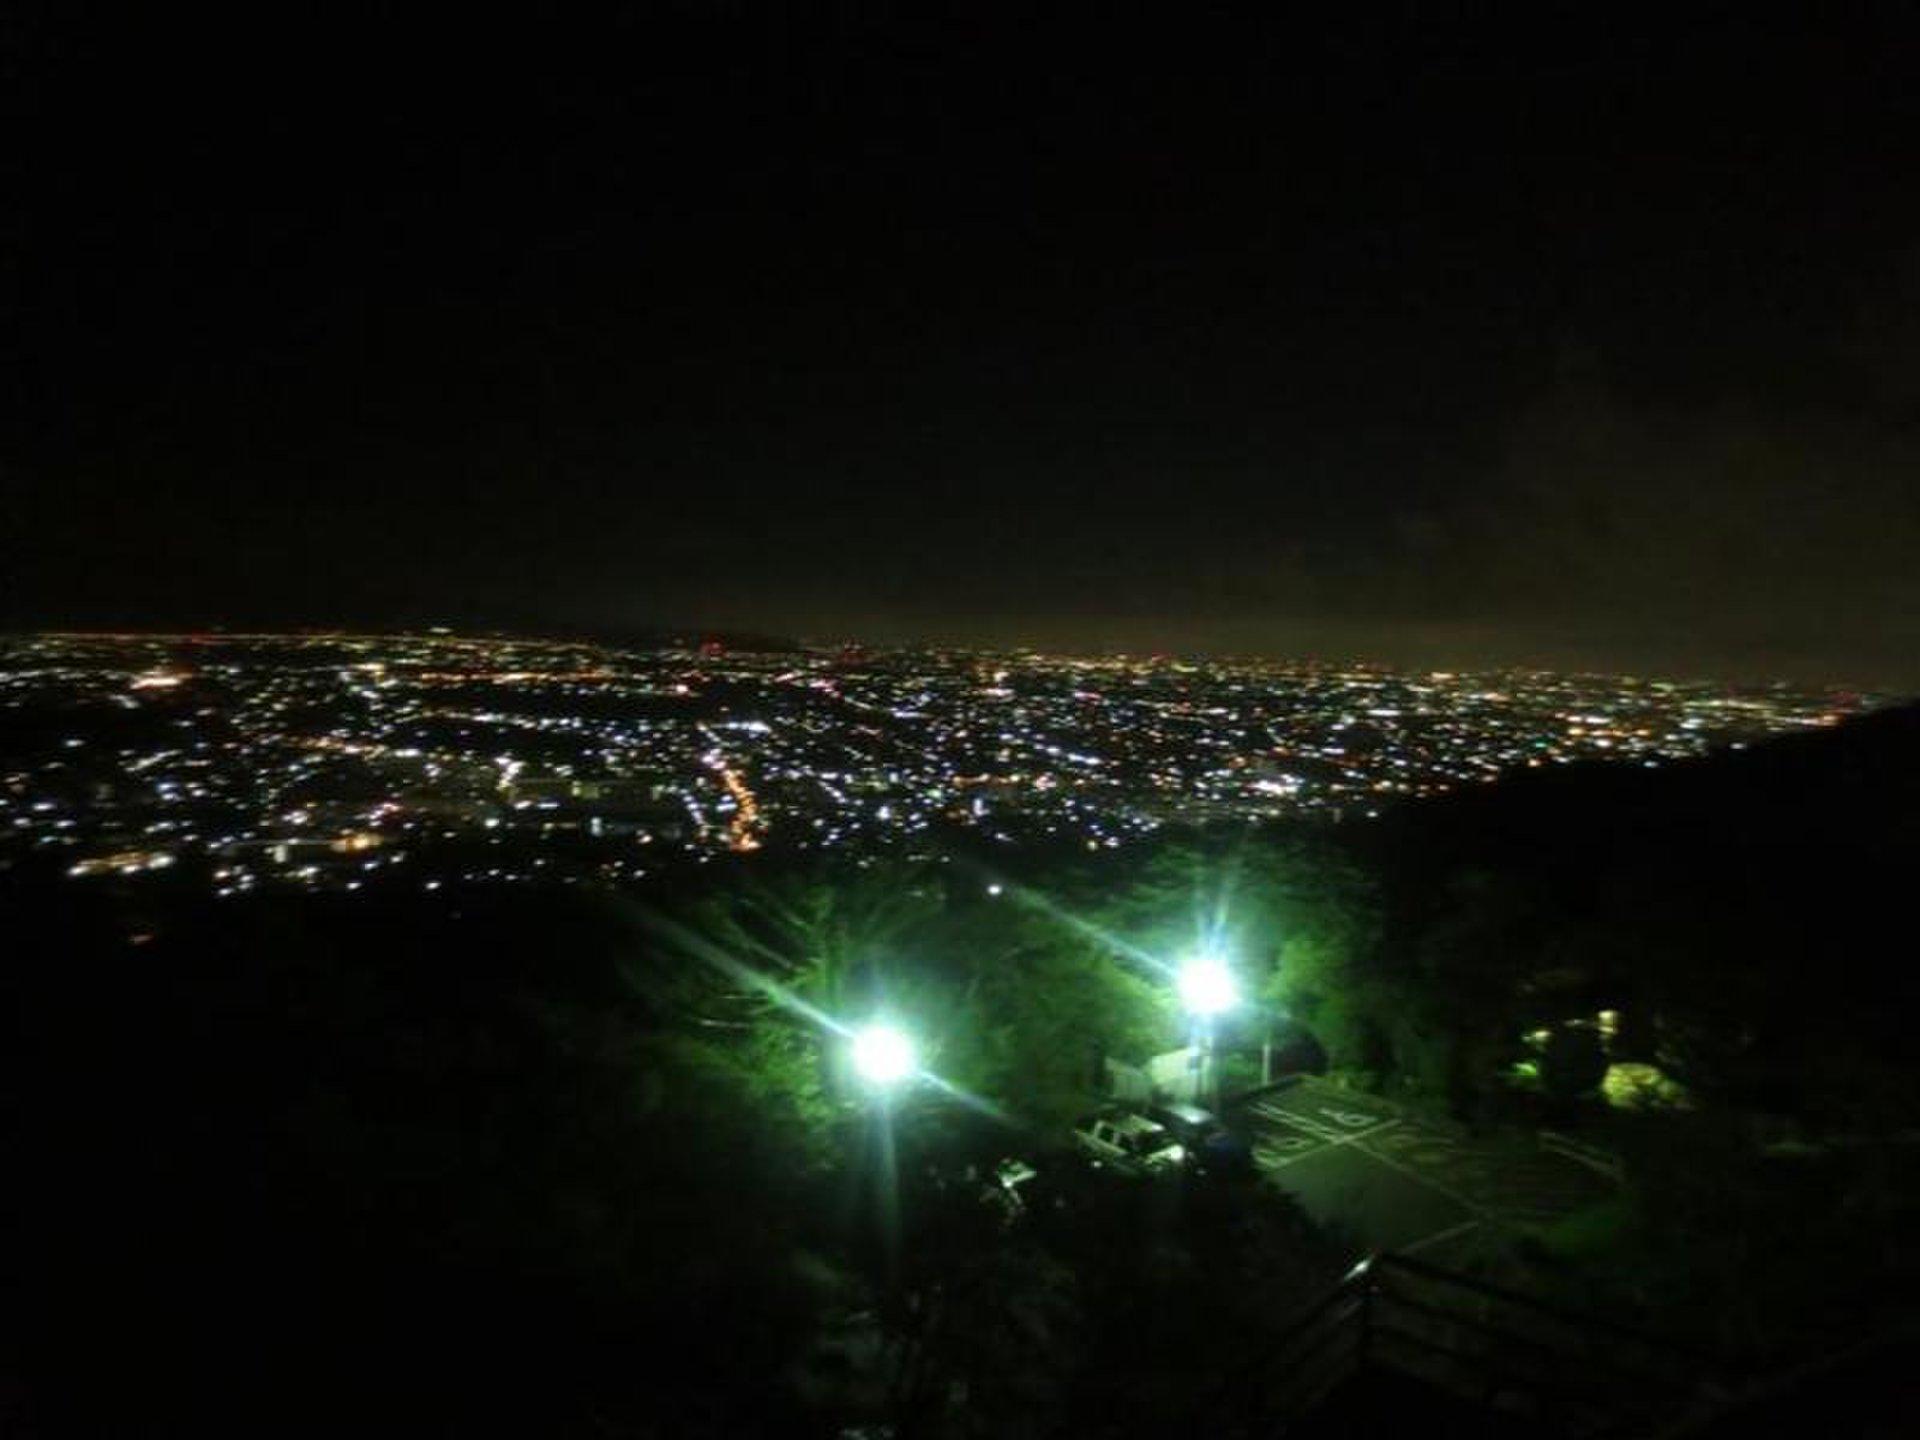 神奈川ドライブデートにおすすめスポット3選!夜景を見ながら日帰りドライブコース!